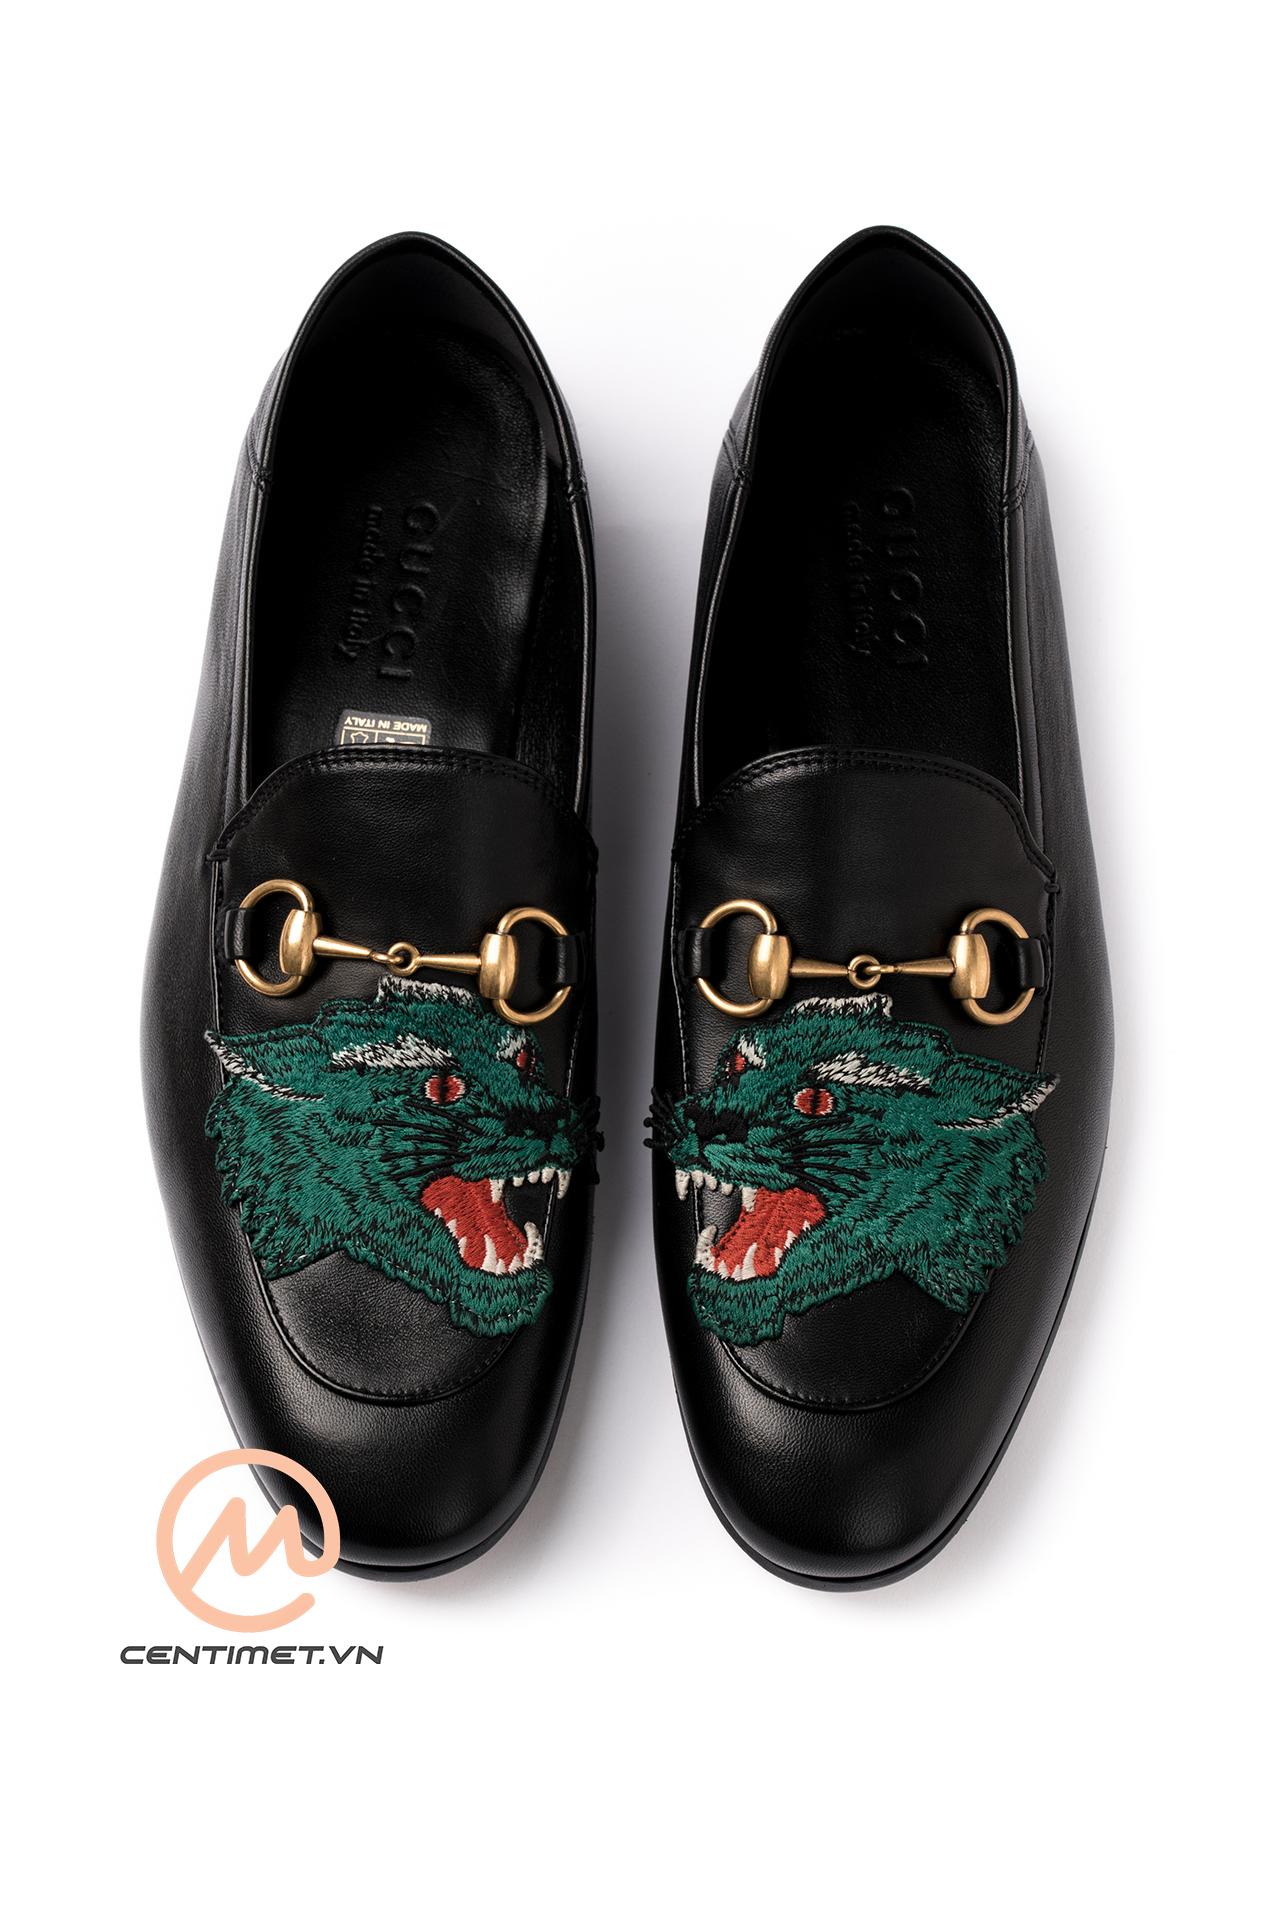 05a6d76efcf Giá chính hãng của mẫu Gucci Wolf Leather Loafer là  870. Đặt hàng qua  Centimet để có giá tốt!